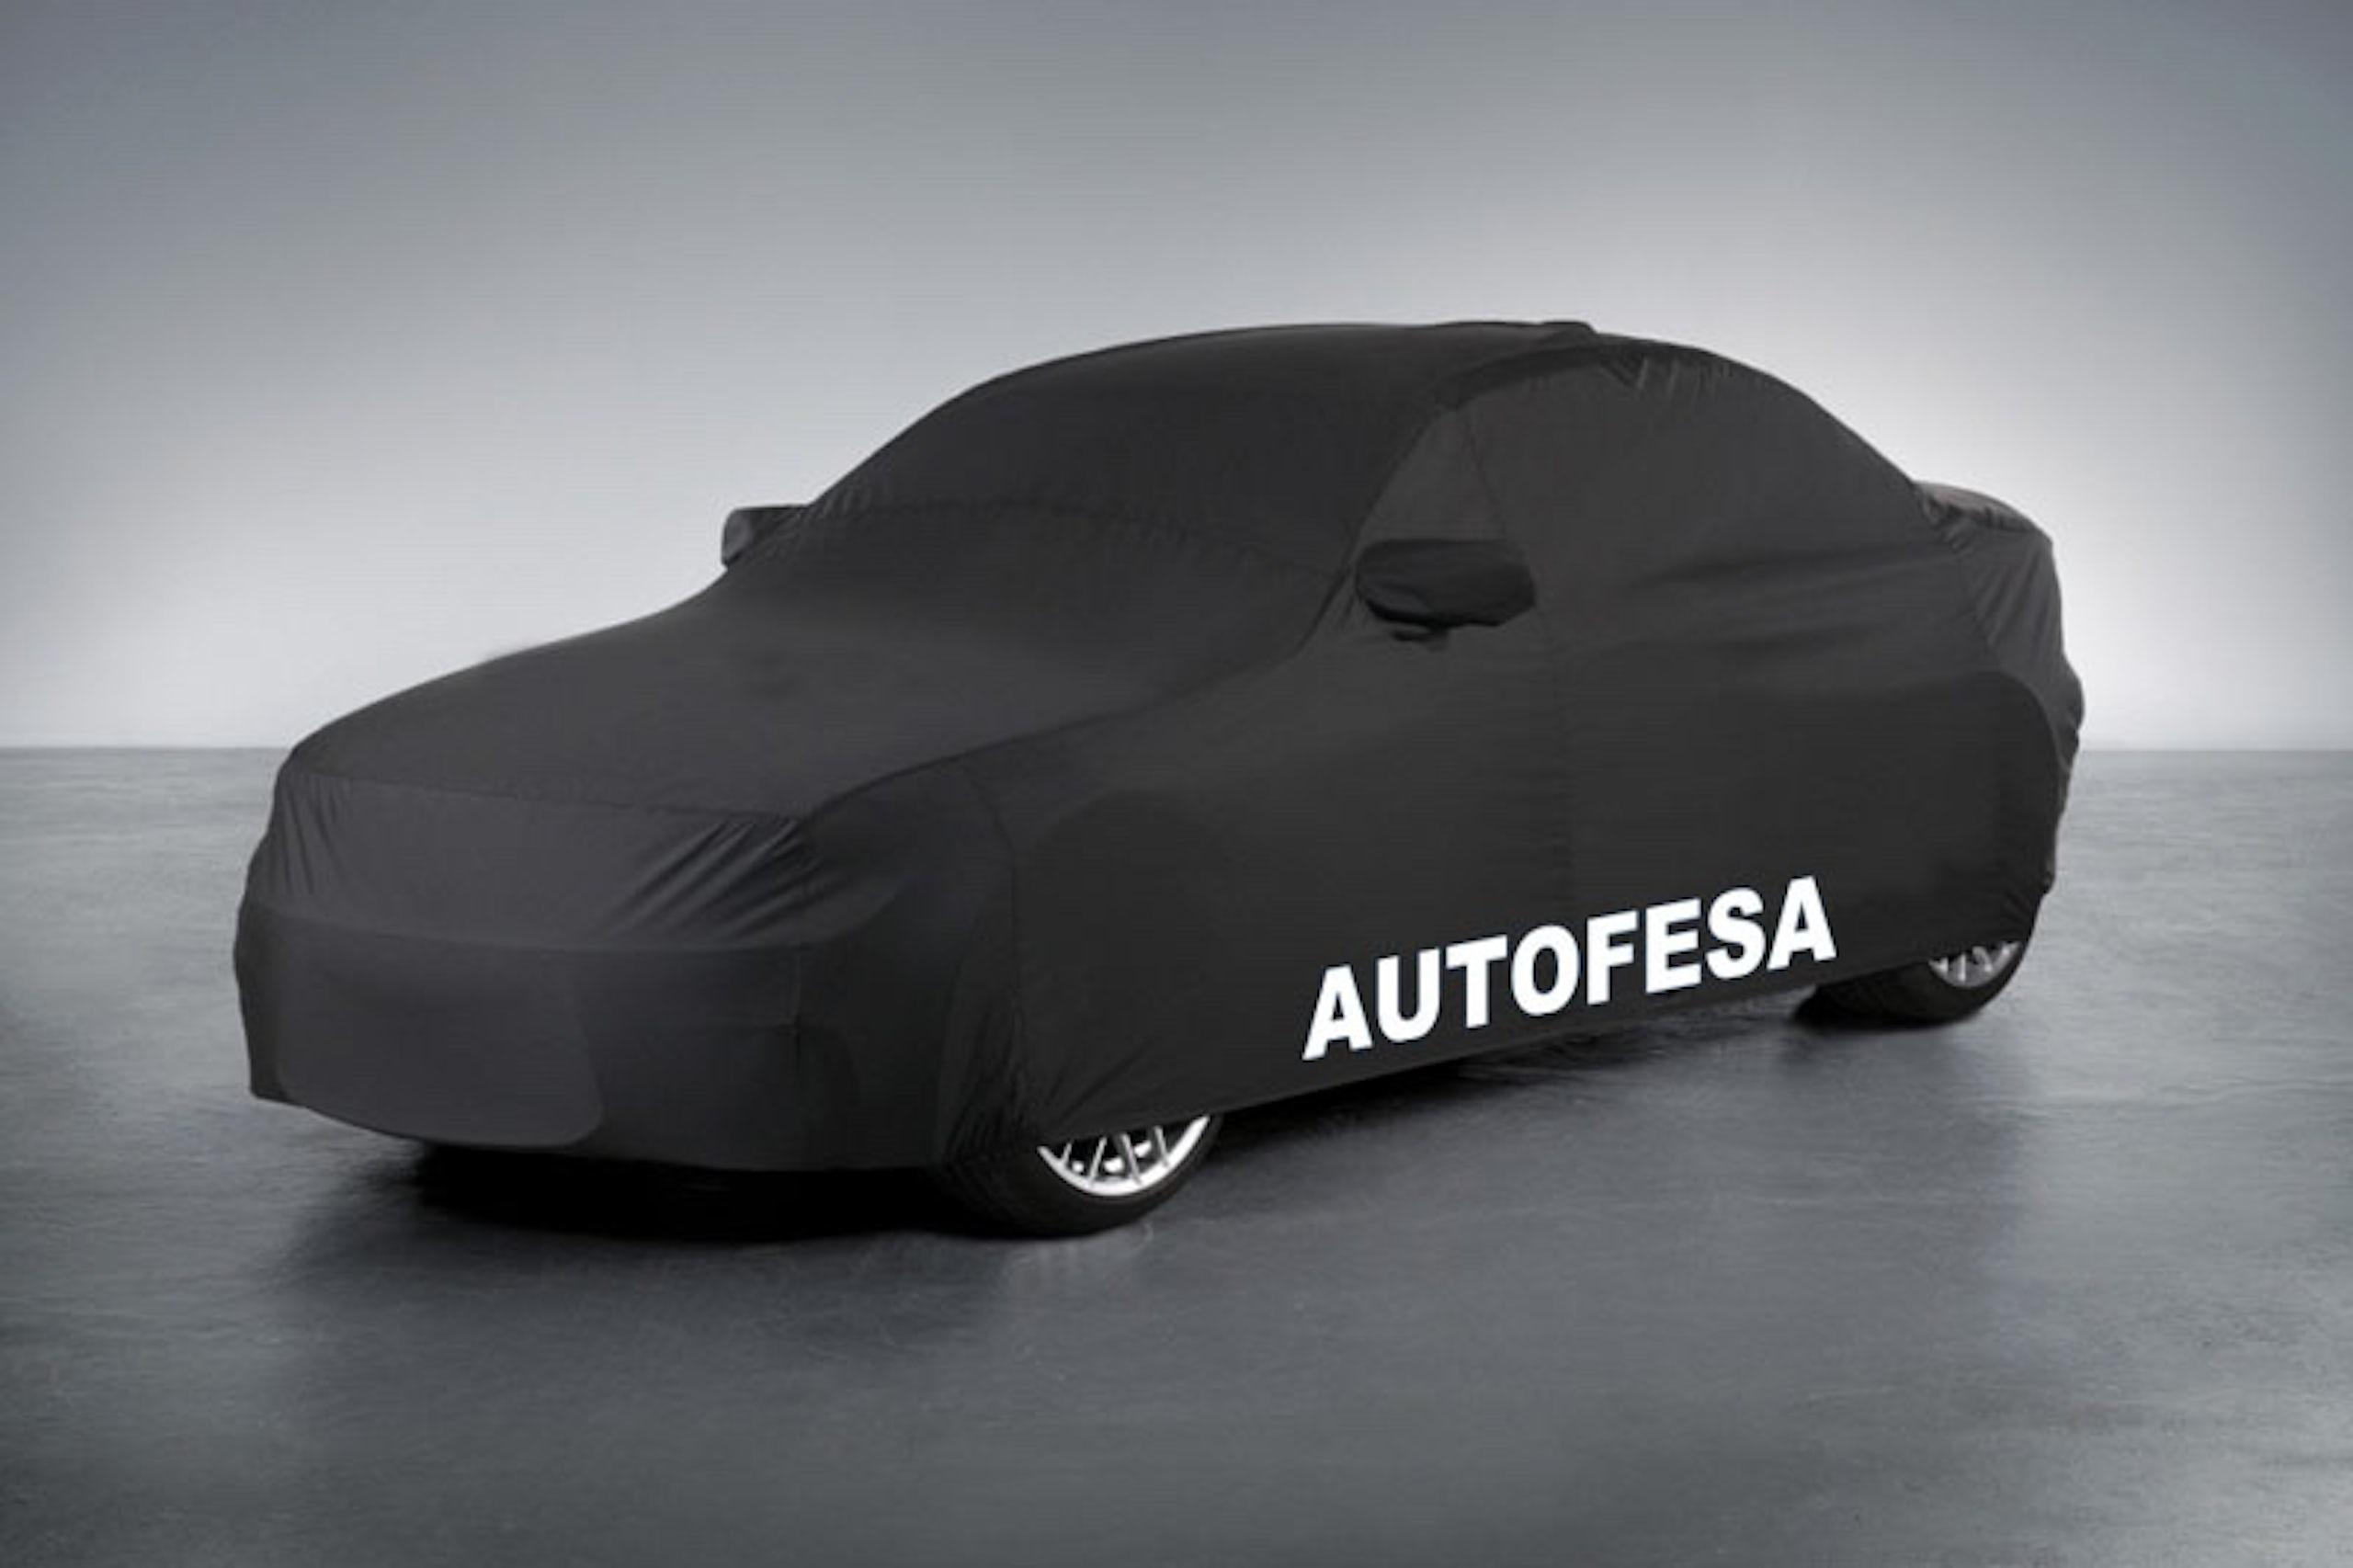 Audi A4 Avant 2.0 TDI 150cv Auto 5p S/S - Foto 24